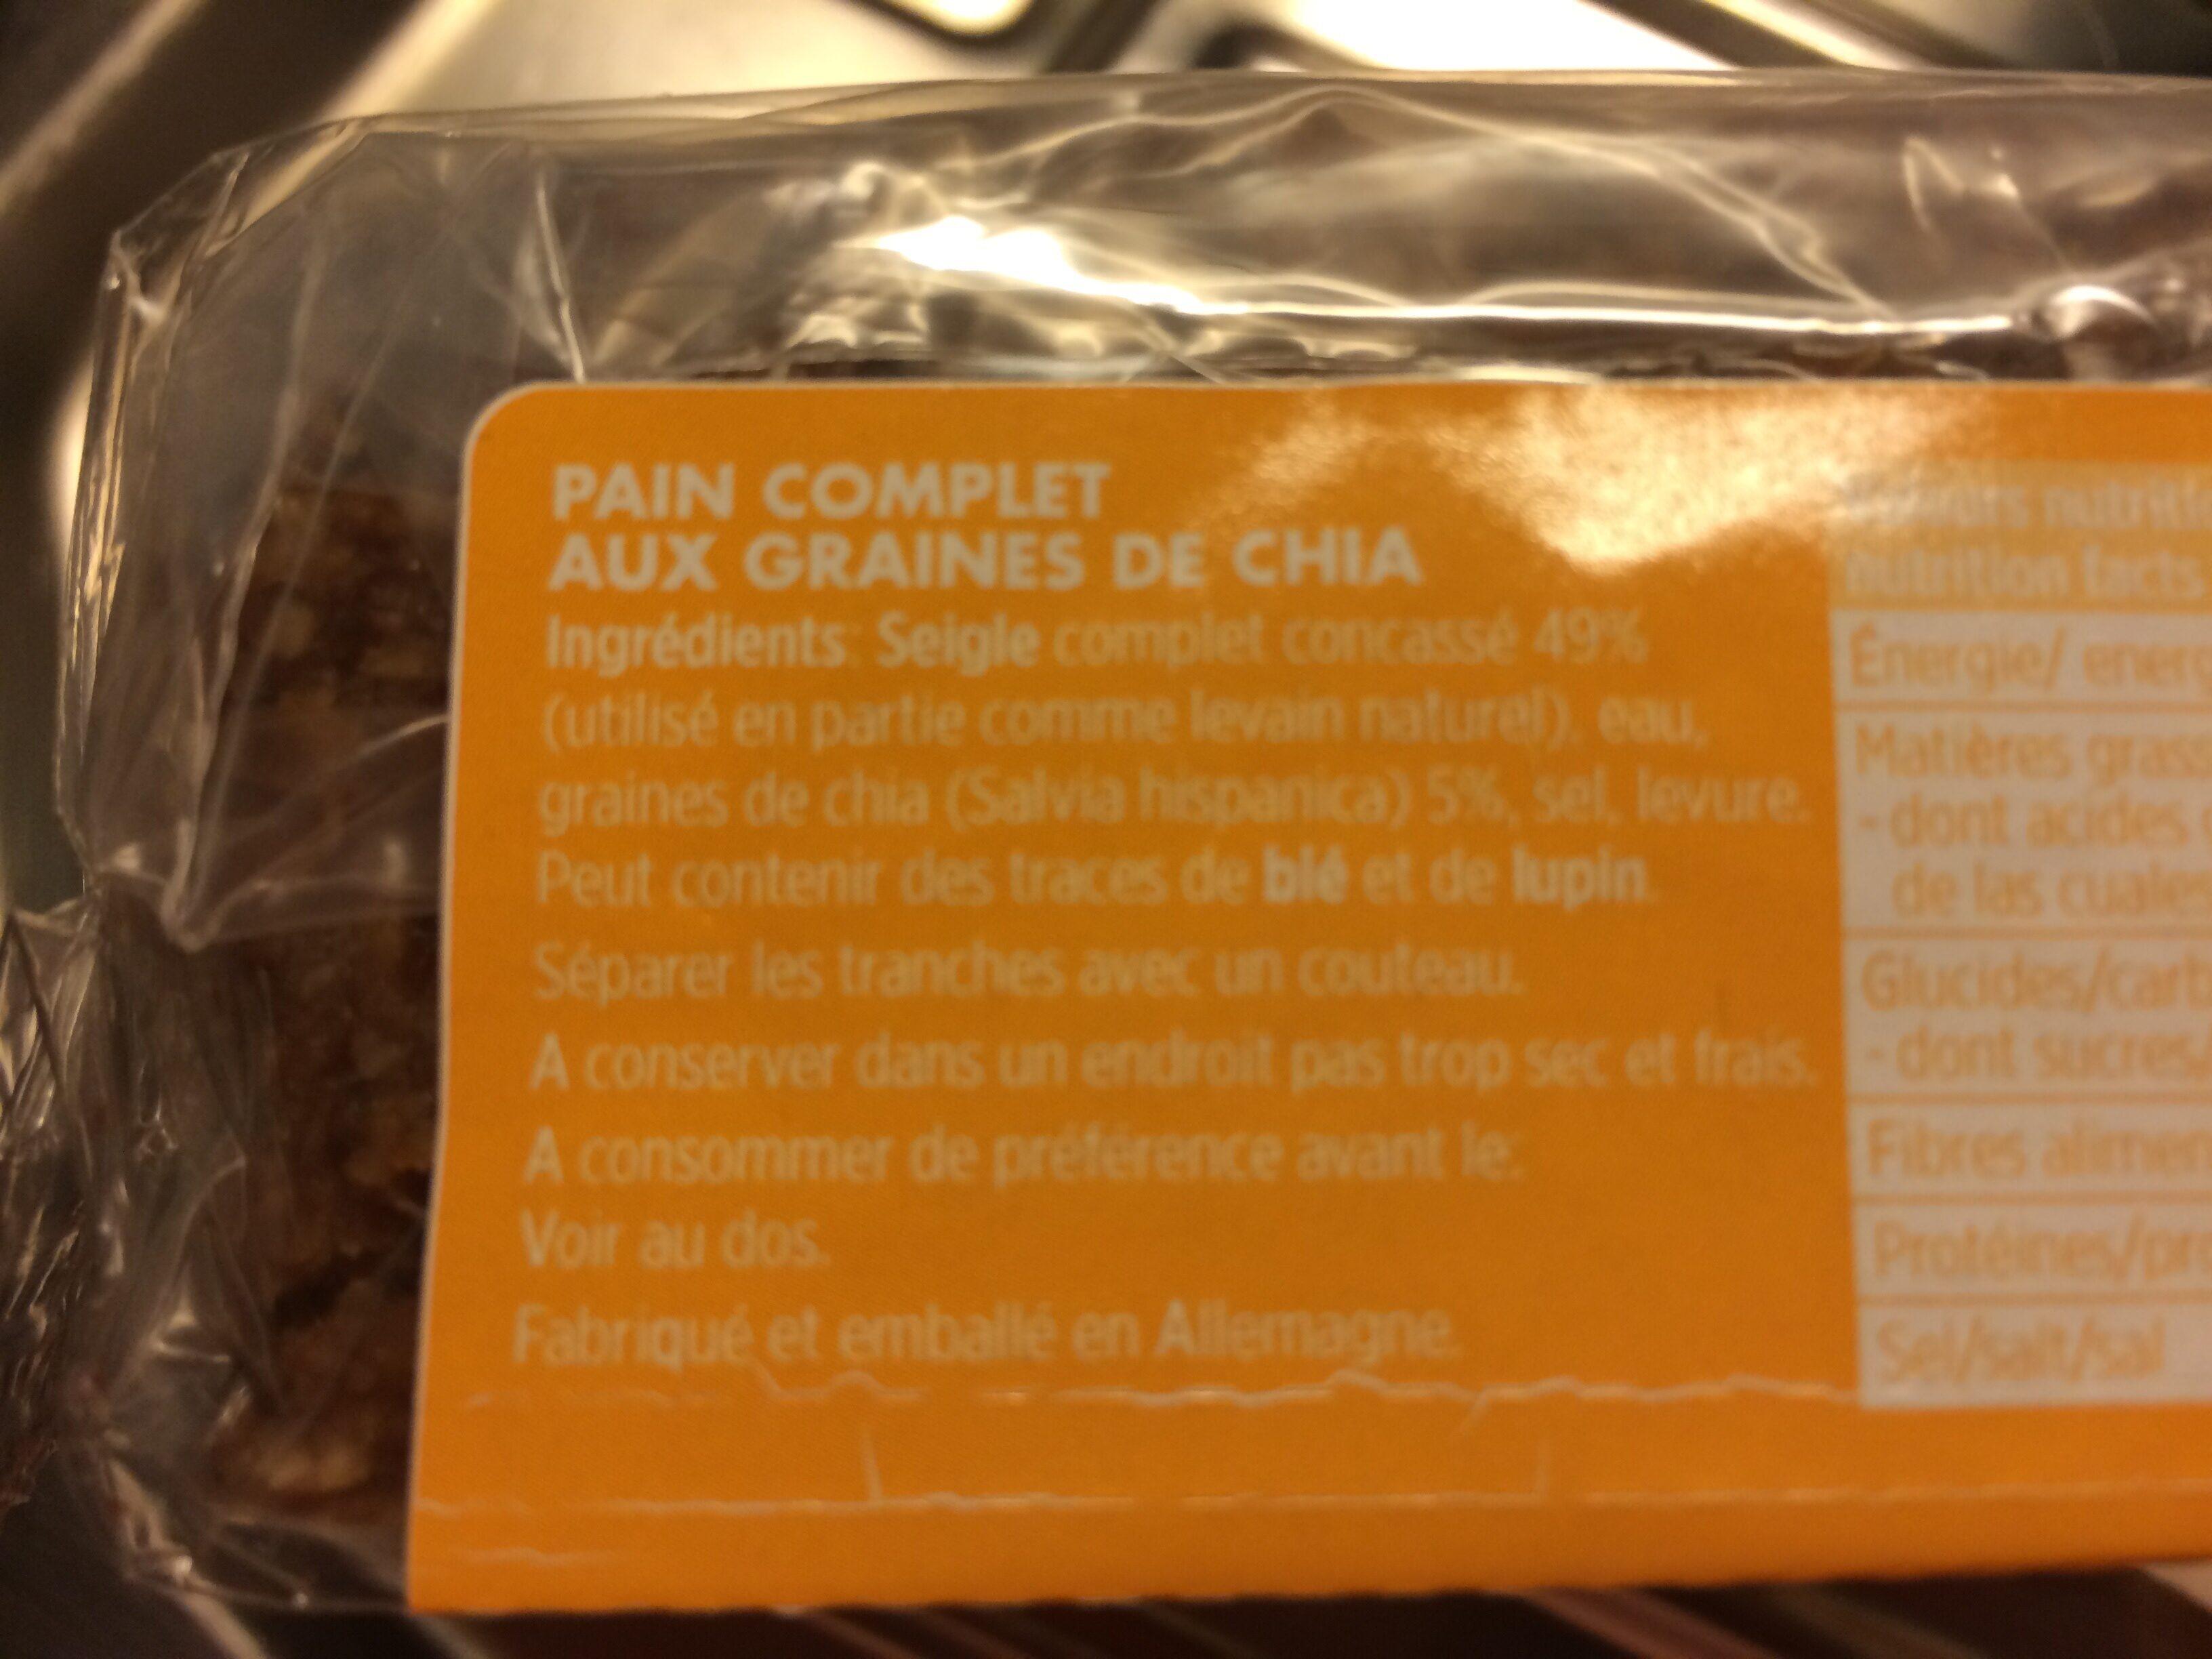 Pain complet aux graines de chia - Ingrédients - fr